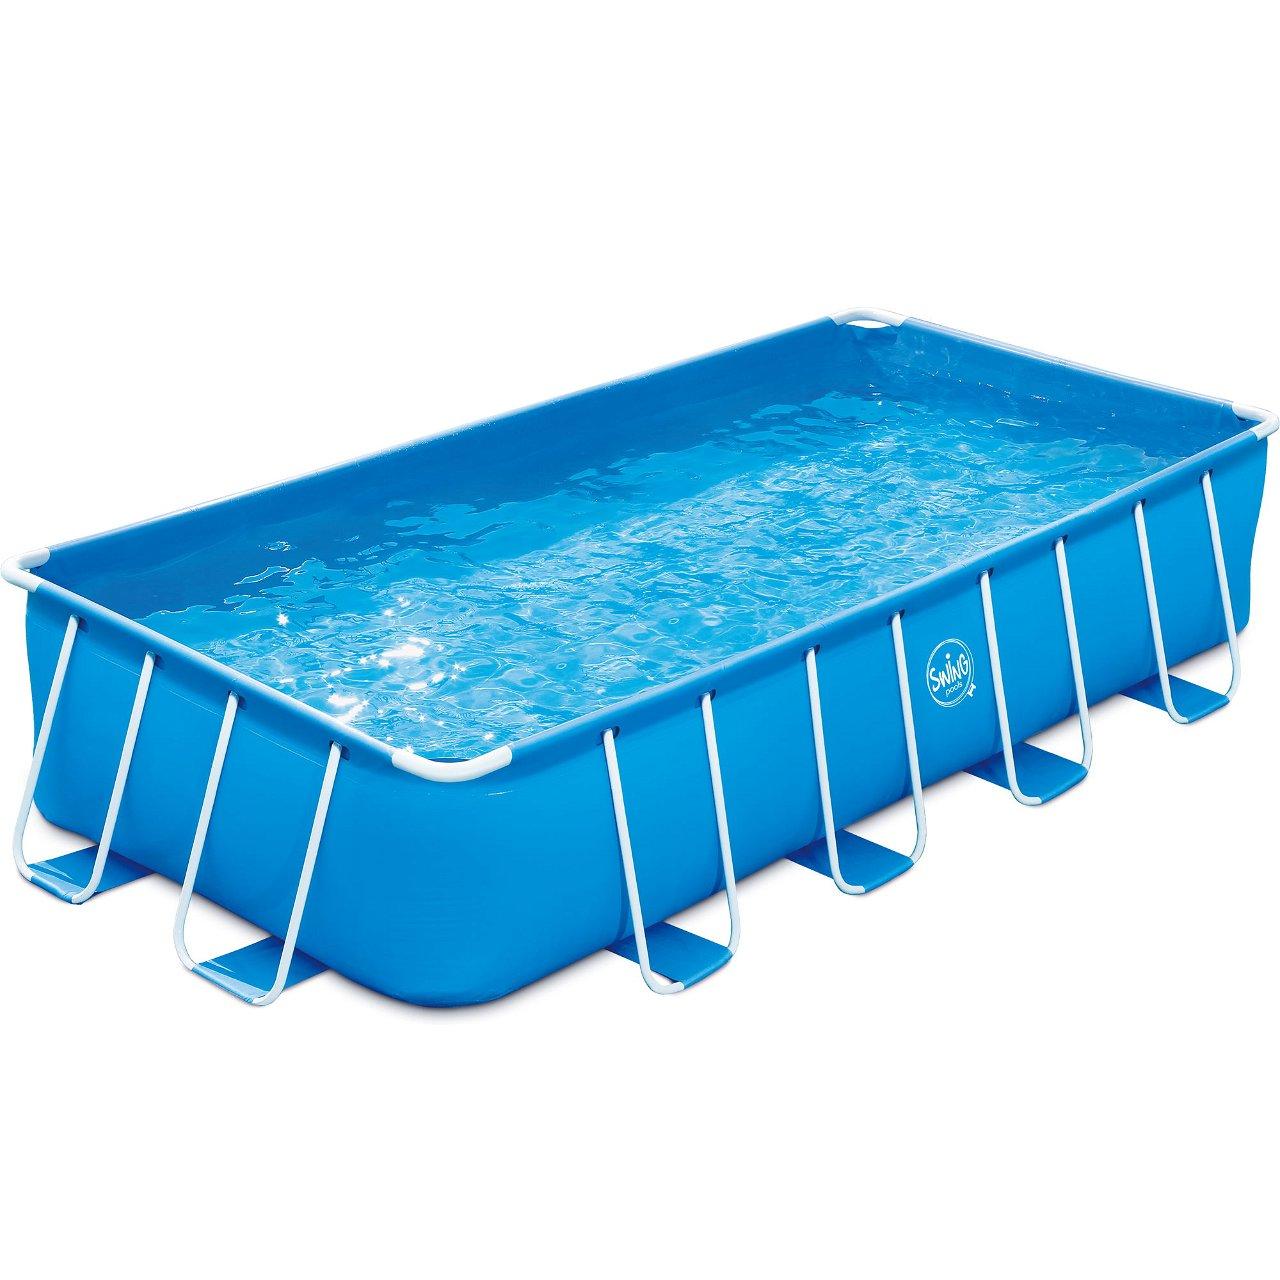 Frame Pool blau rechteckig 488x244x107cm Set  mit Skimmer Plus 1000 SX Kartuschenfilter